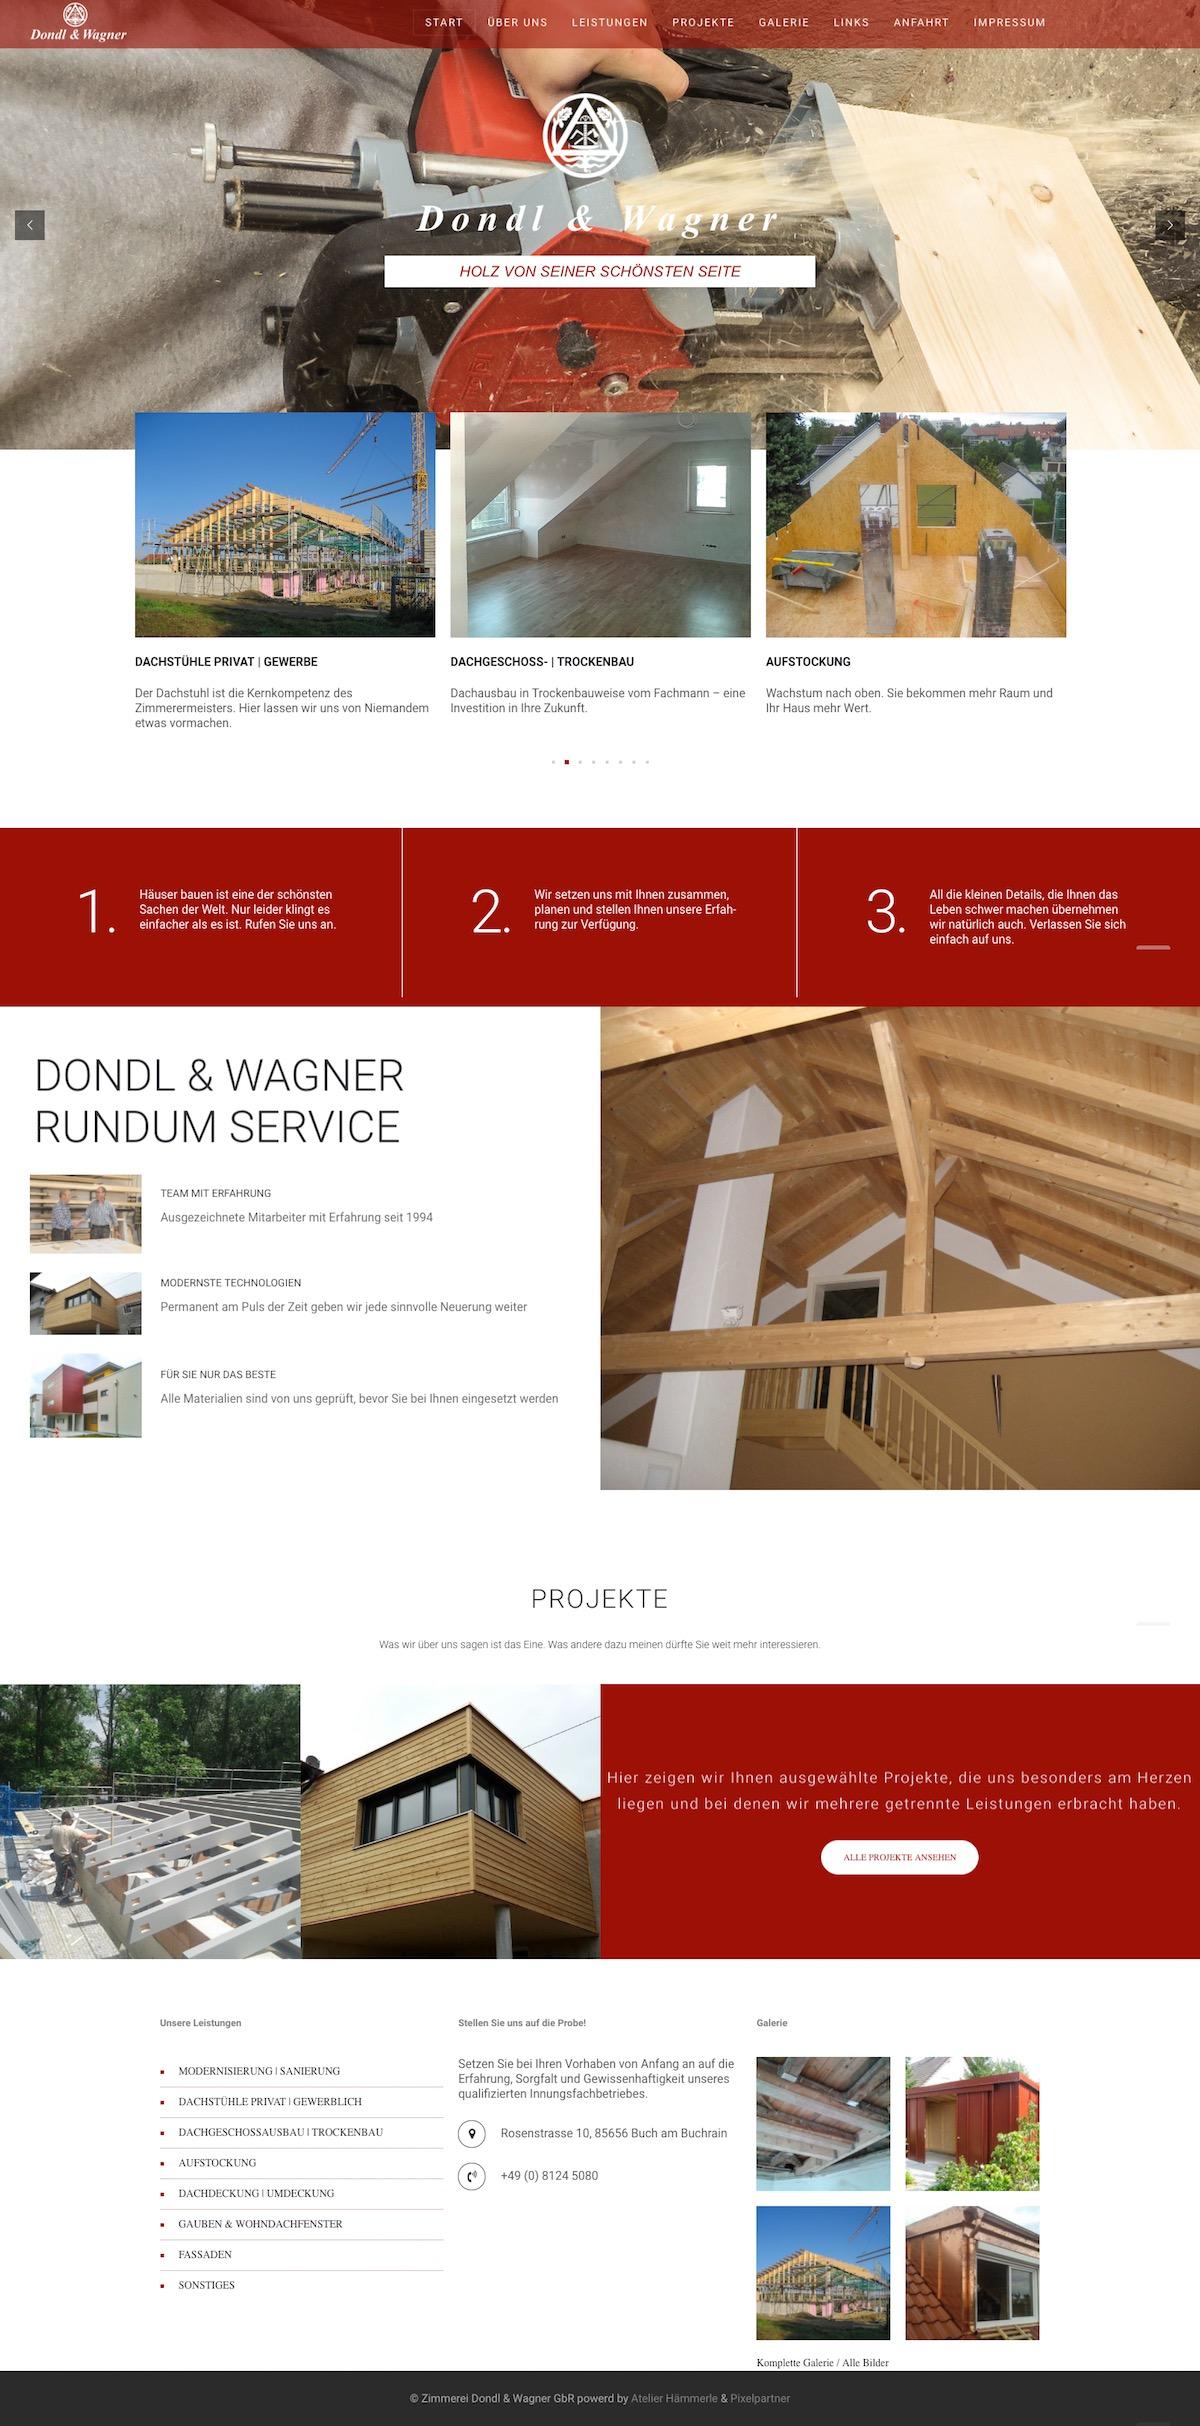 www.dondl-wagner.de